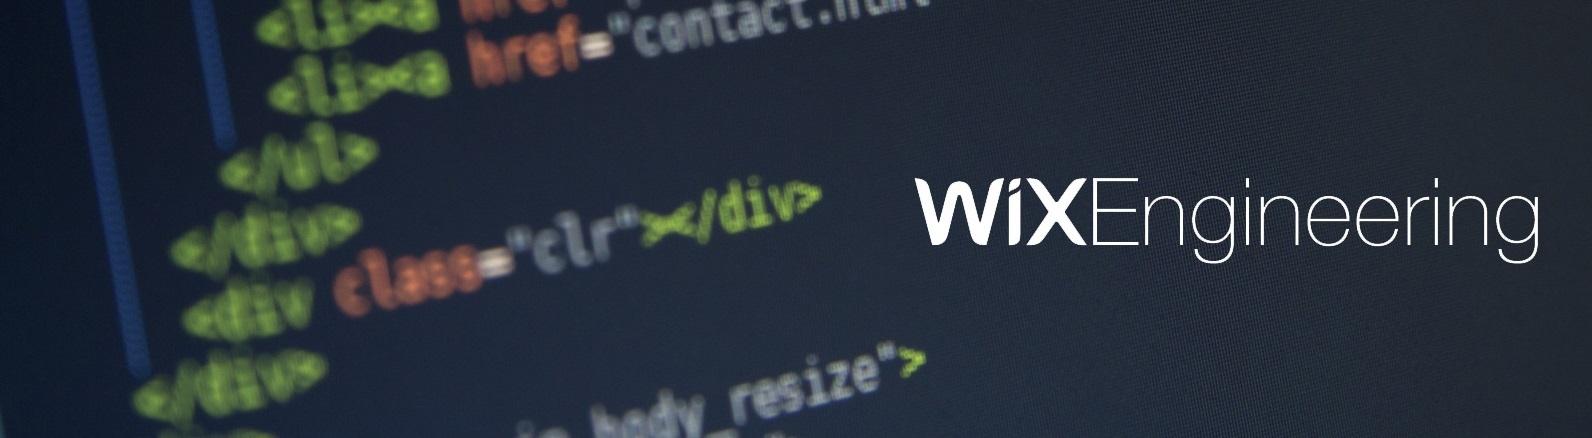 Масштабирование Wix до 100 миллионов пользователей. Начало